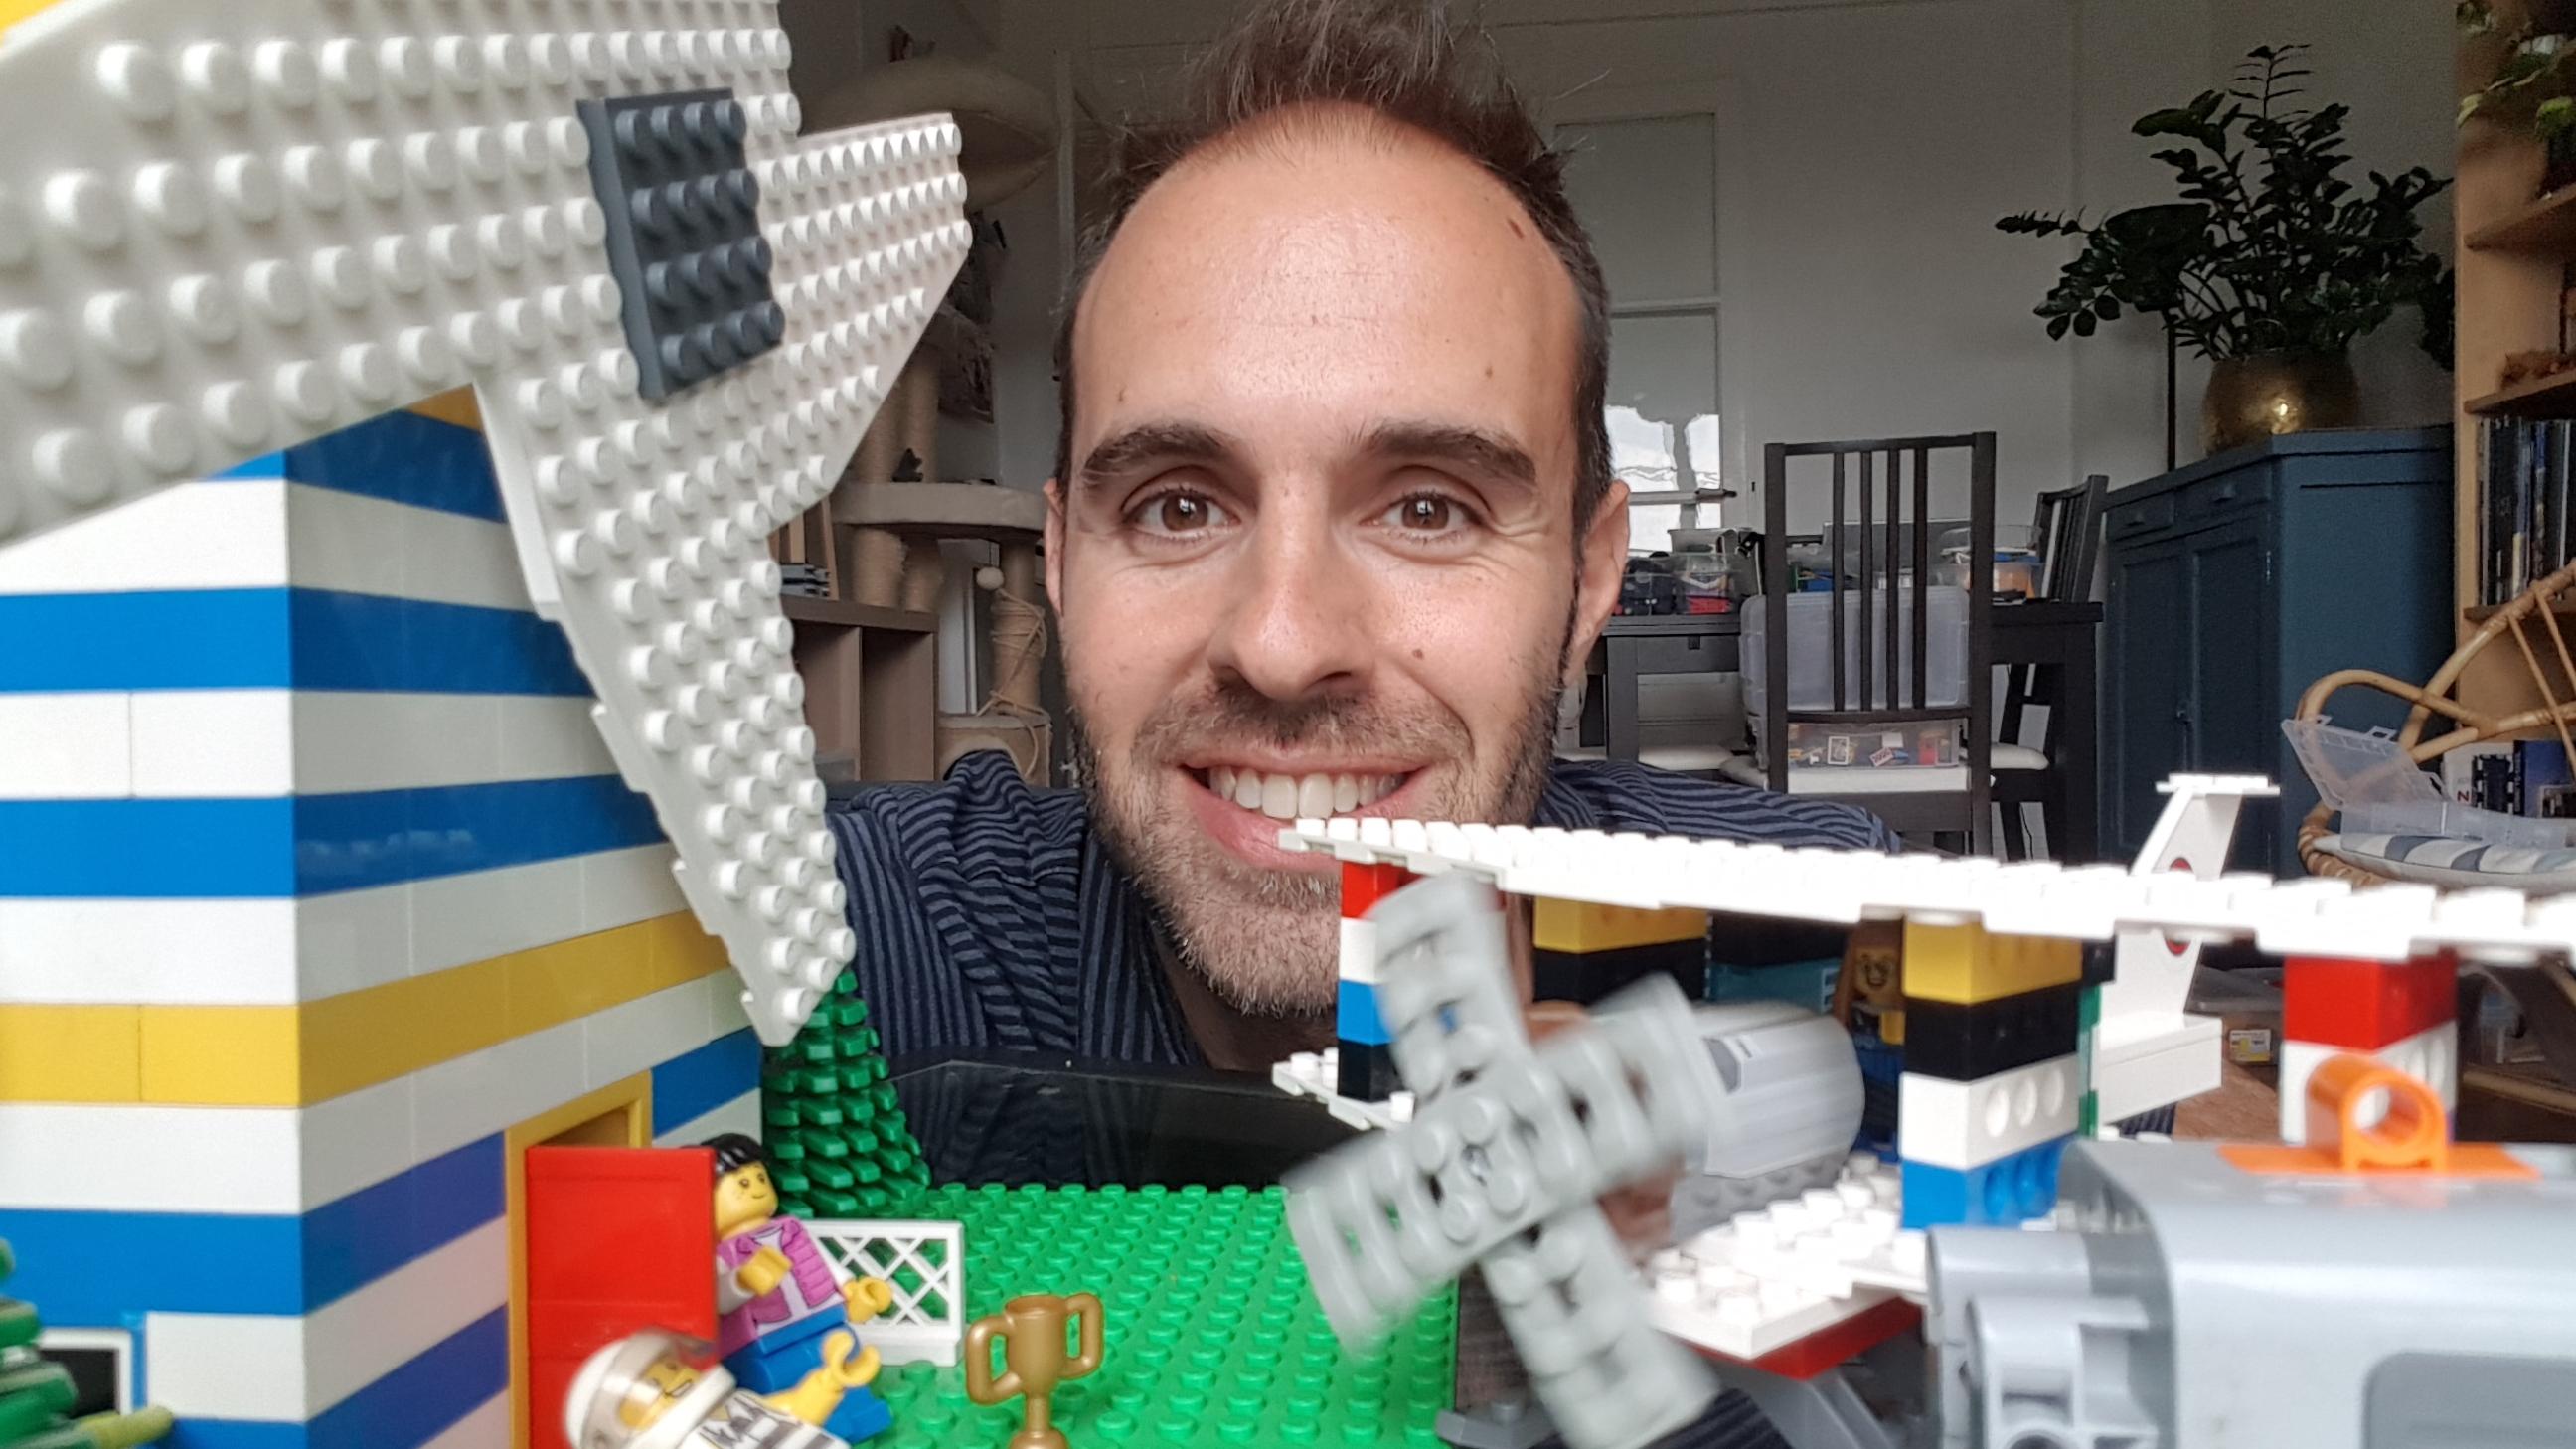 des ateliers enfants ingénierie ave Antoine au 8petion à Paris 11